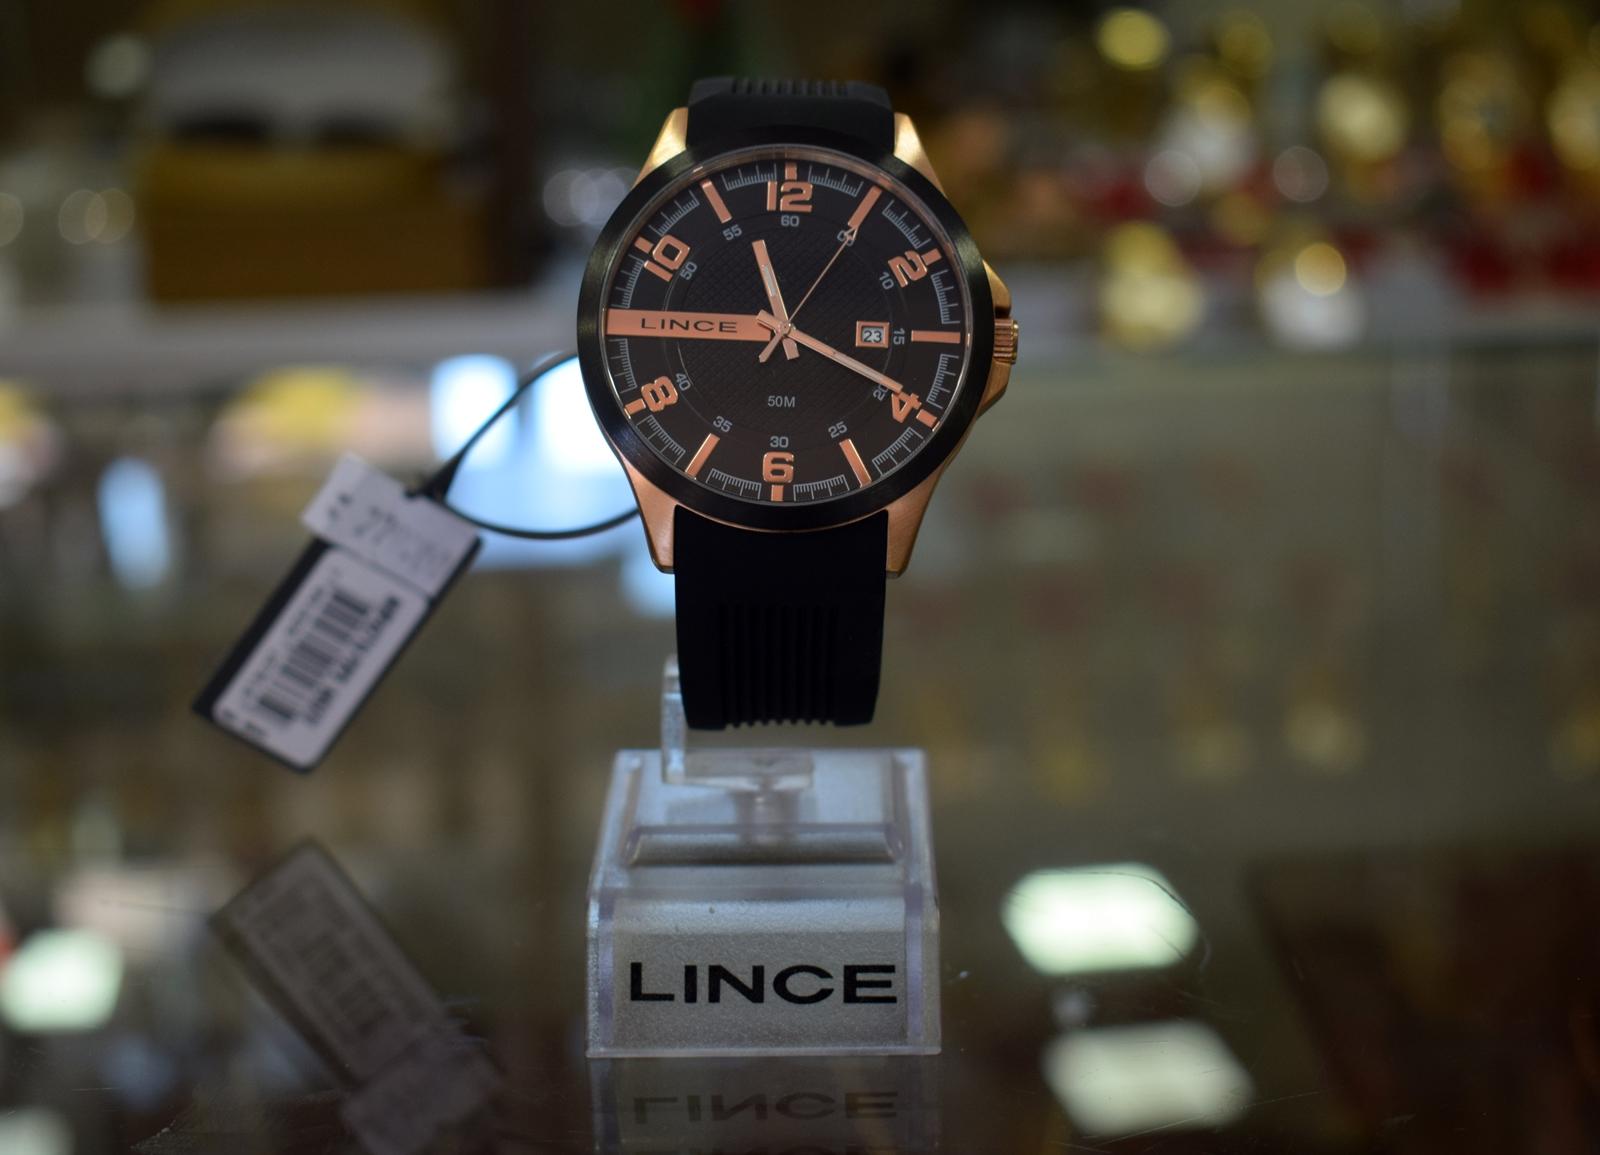 d41054f9107a4 Relógio Lince com aplicações exclusivas – Foto  Leo de Matos (Agreg Imagem)